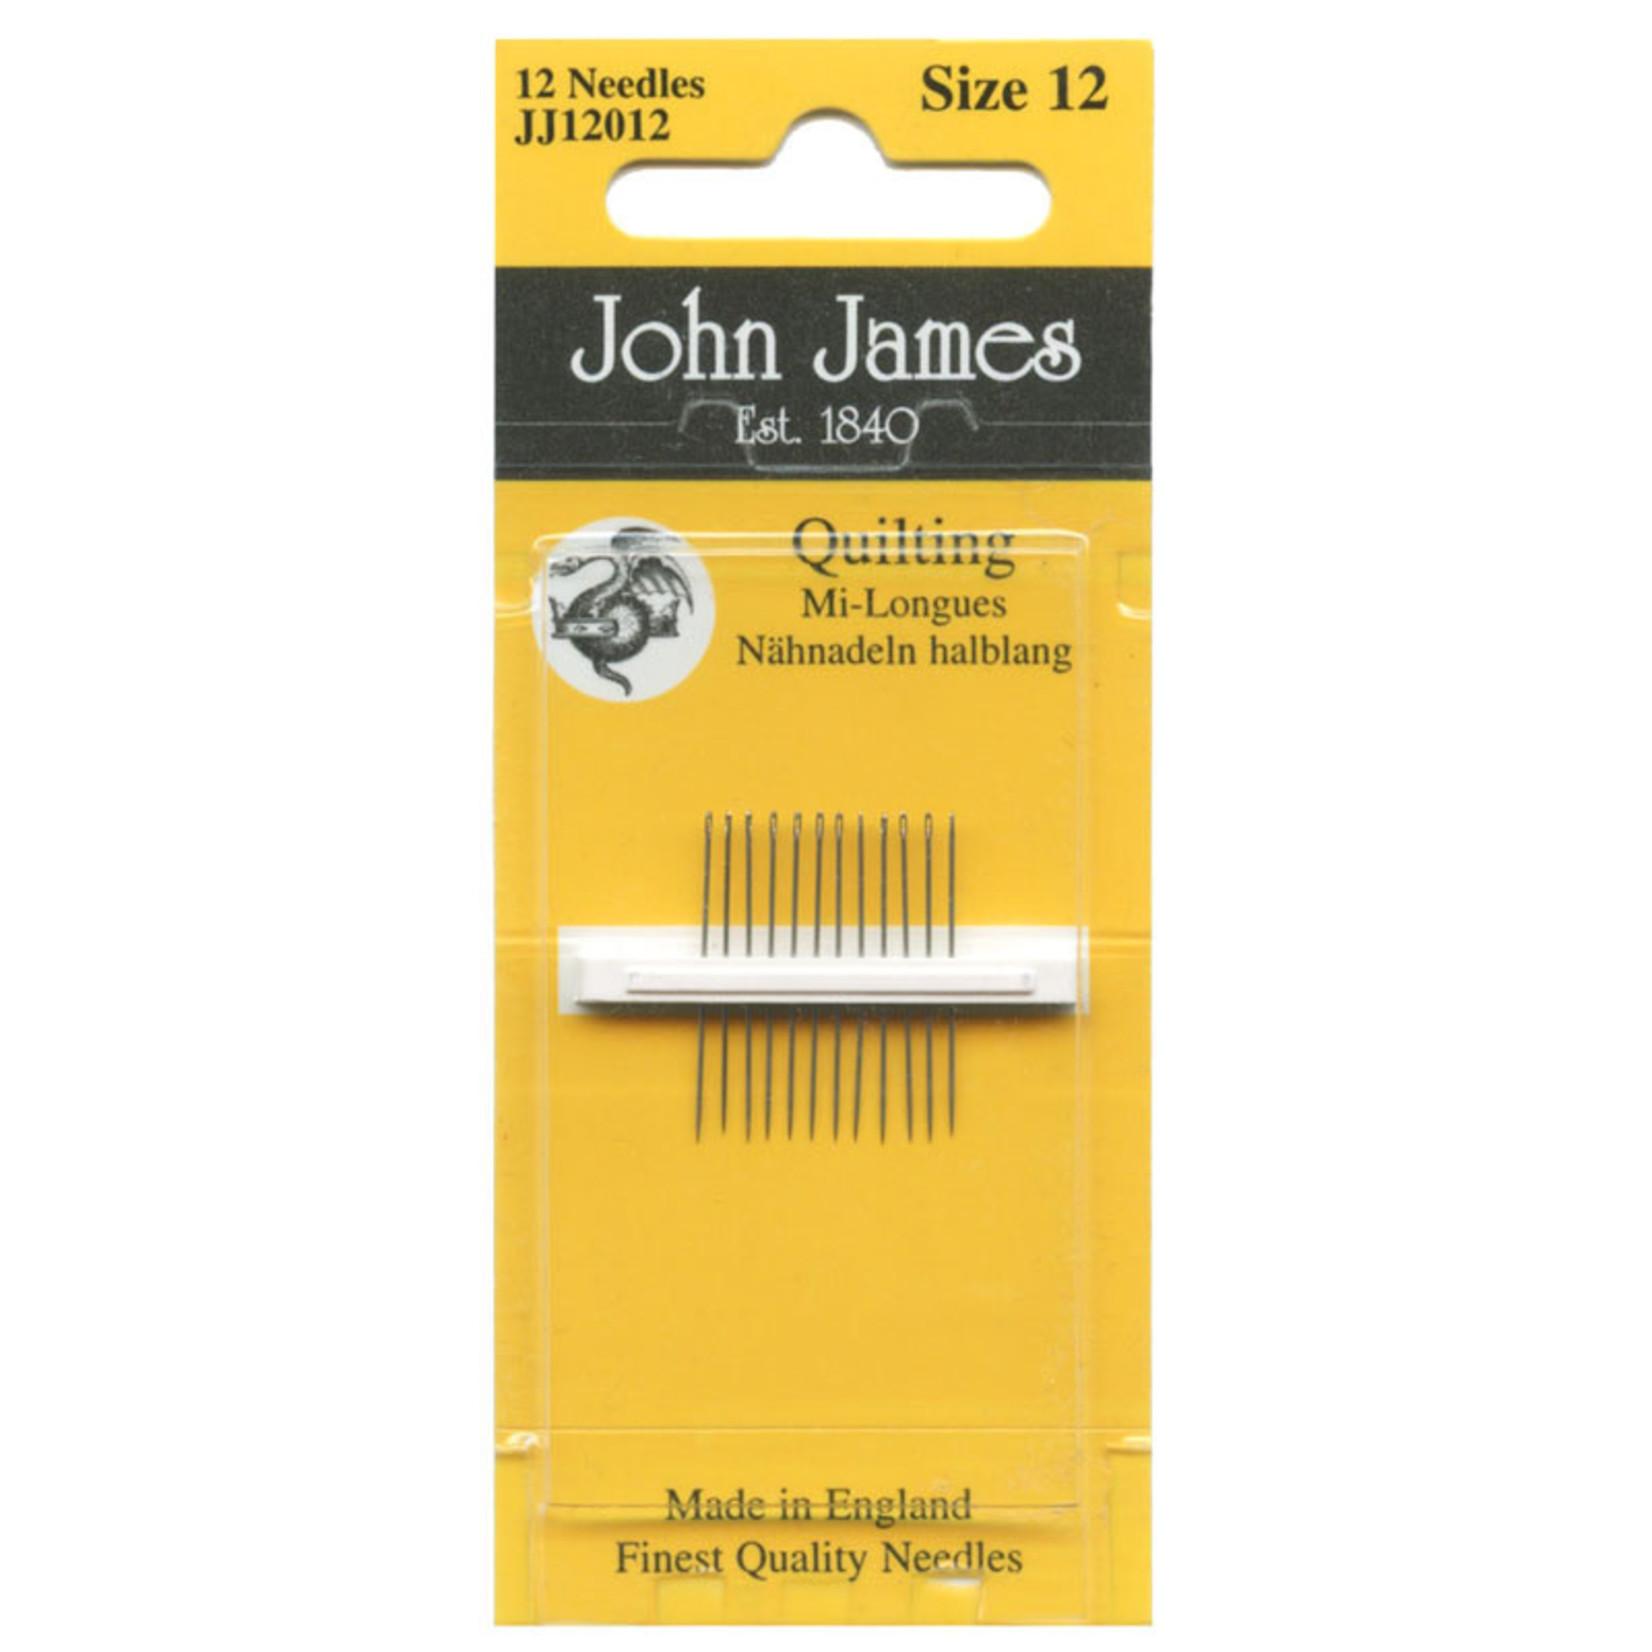 John James JOHN JAMES QUILTING NEEDLES SIZE 12